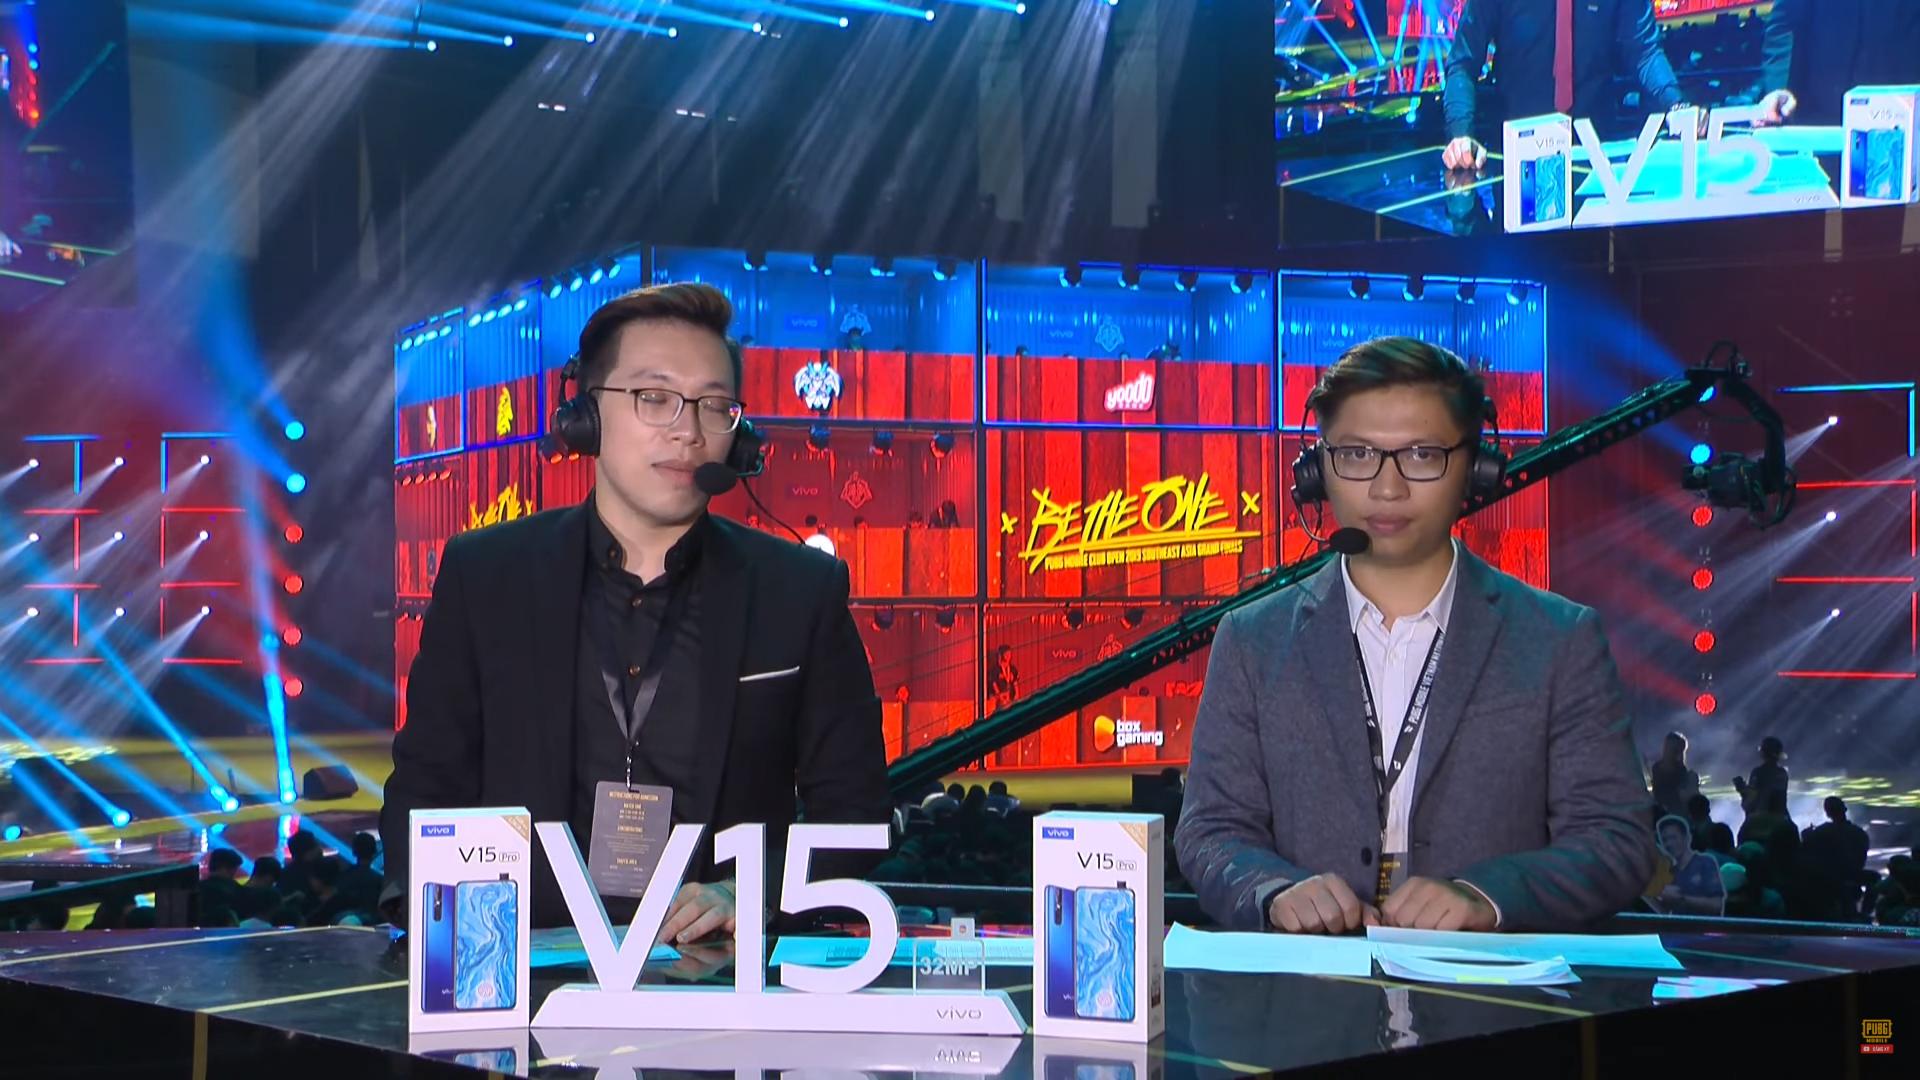 """PUBG Mobile – Caster Tùng TT: """"Tôi vẫn chưa hiểu Zico sẽ chơi vị trí nào nếu vào Box Gaming"""""""